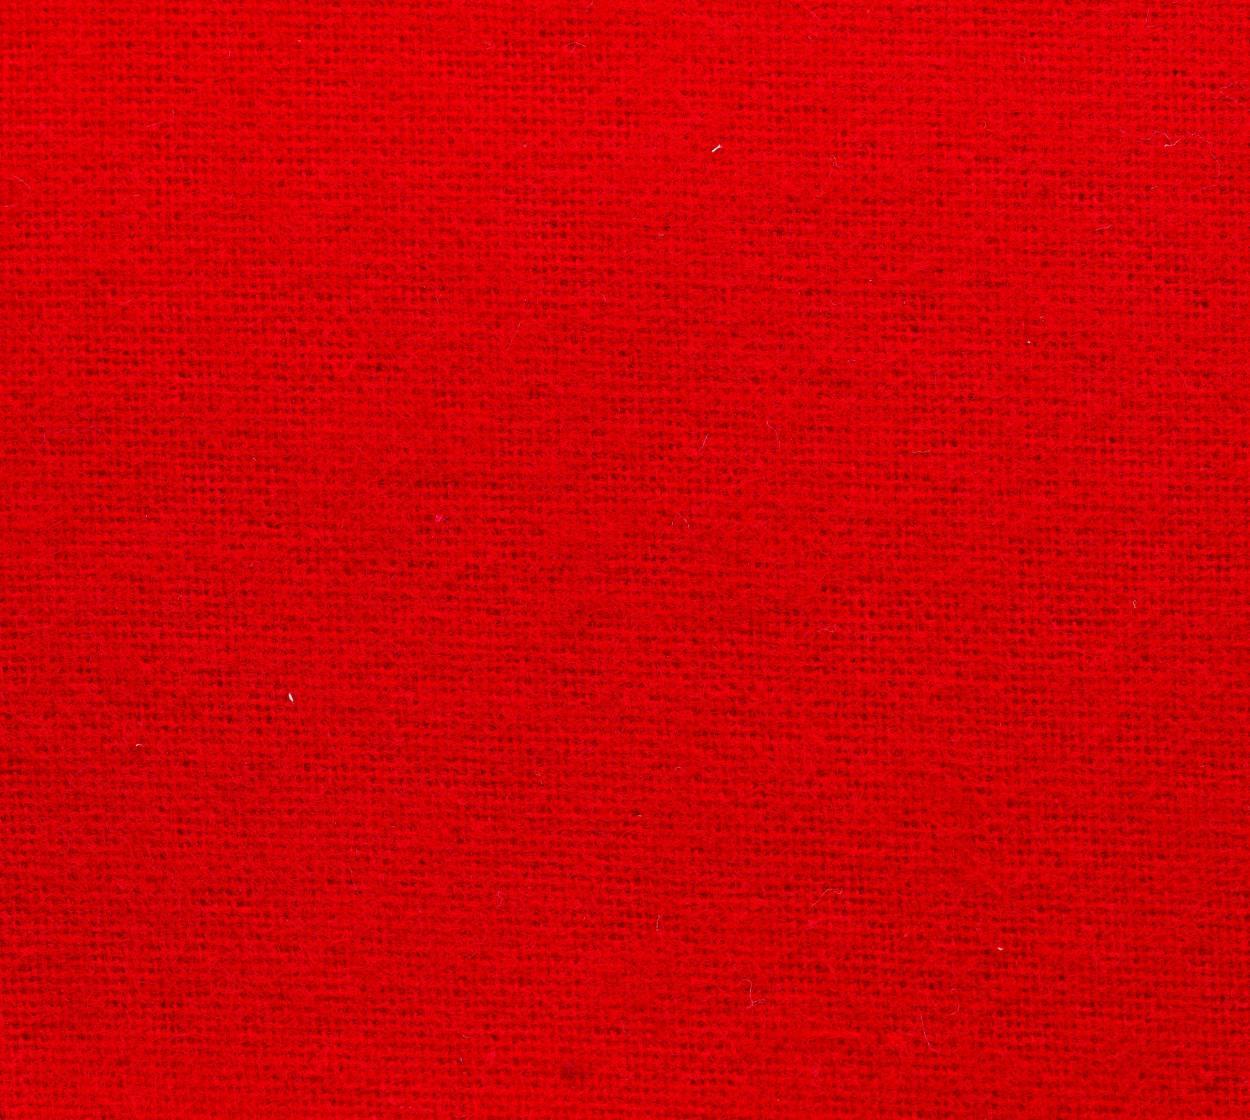 Dekomolton - rot, 5D35 im Stamm online Store München